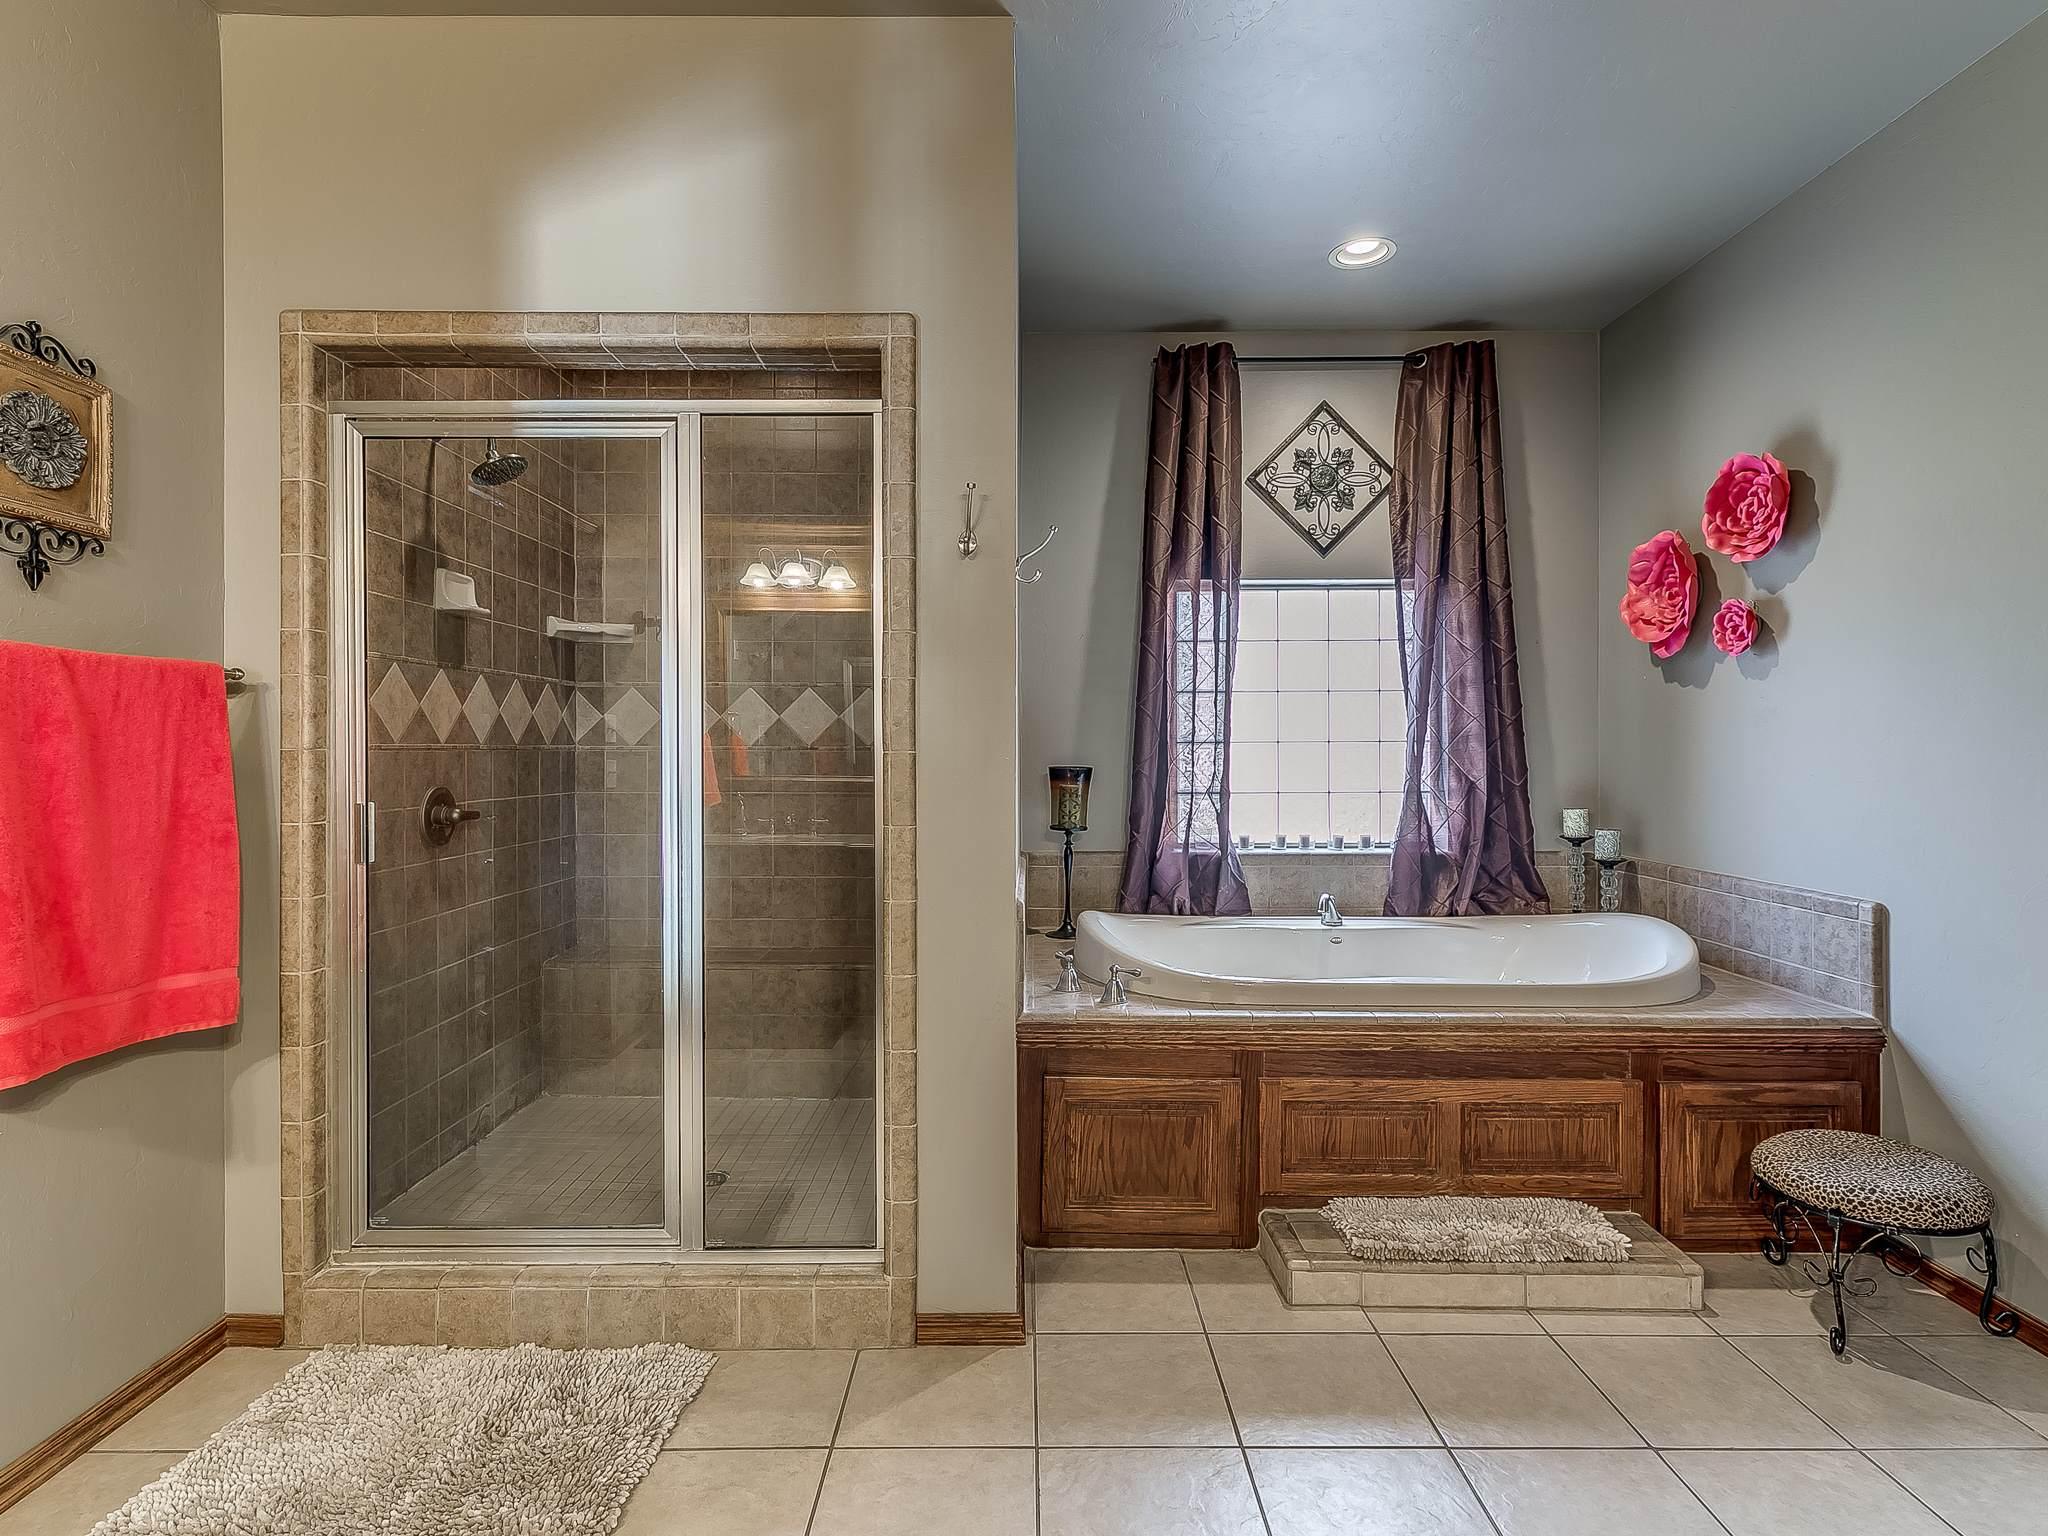 823 Choctaw Vista, Choctaw, OK 73020